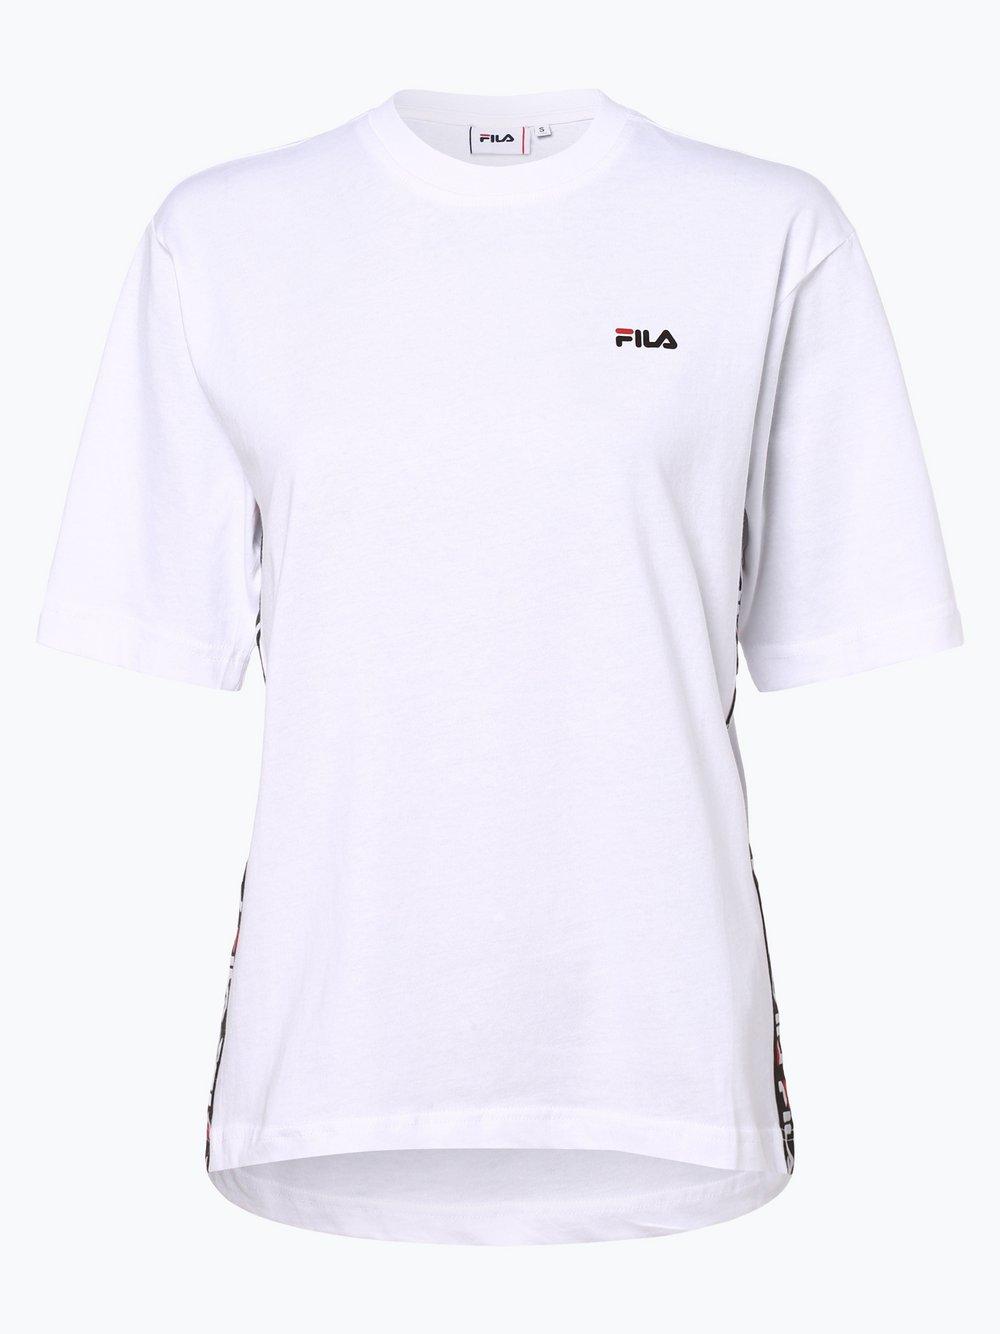 FILA - T-shirt damski, biały